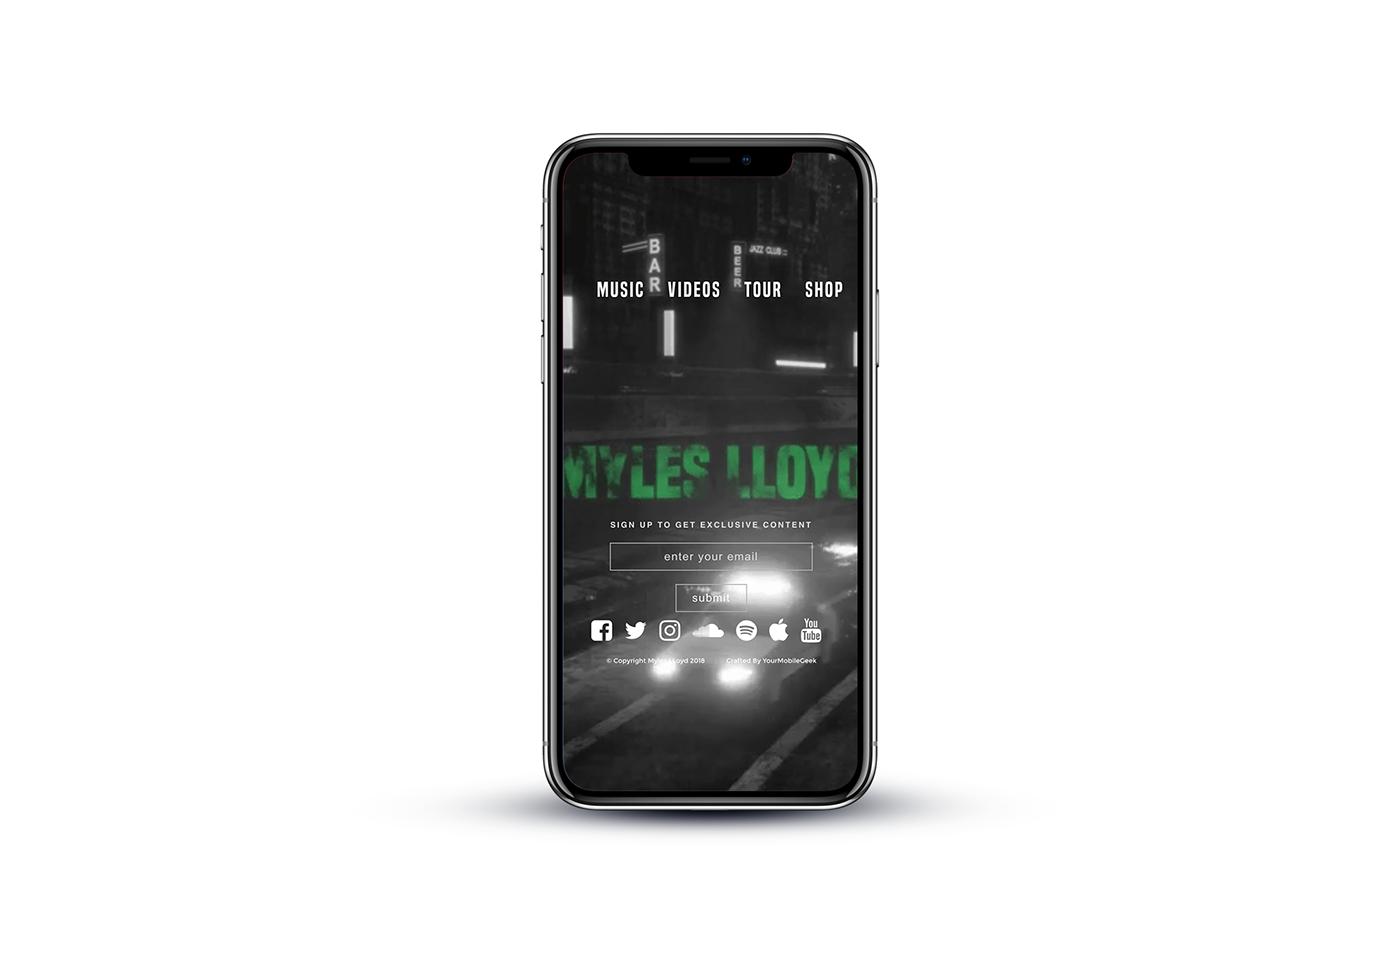 myles lloyd Website music Mockup UI ux branding  clean black